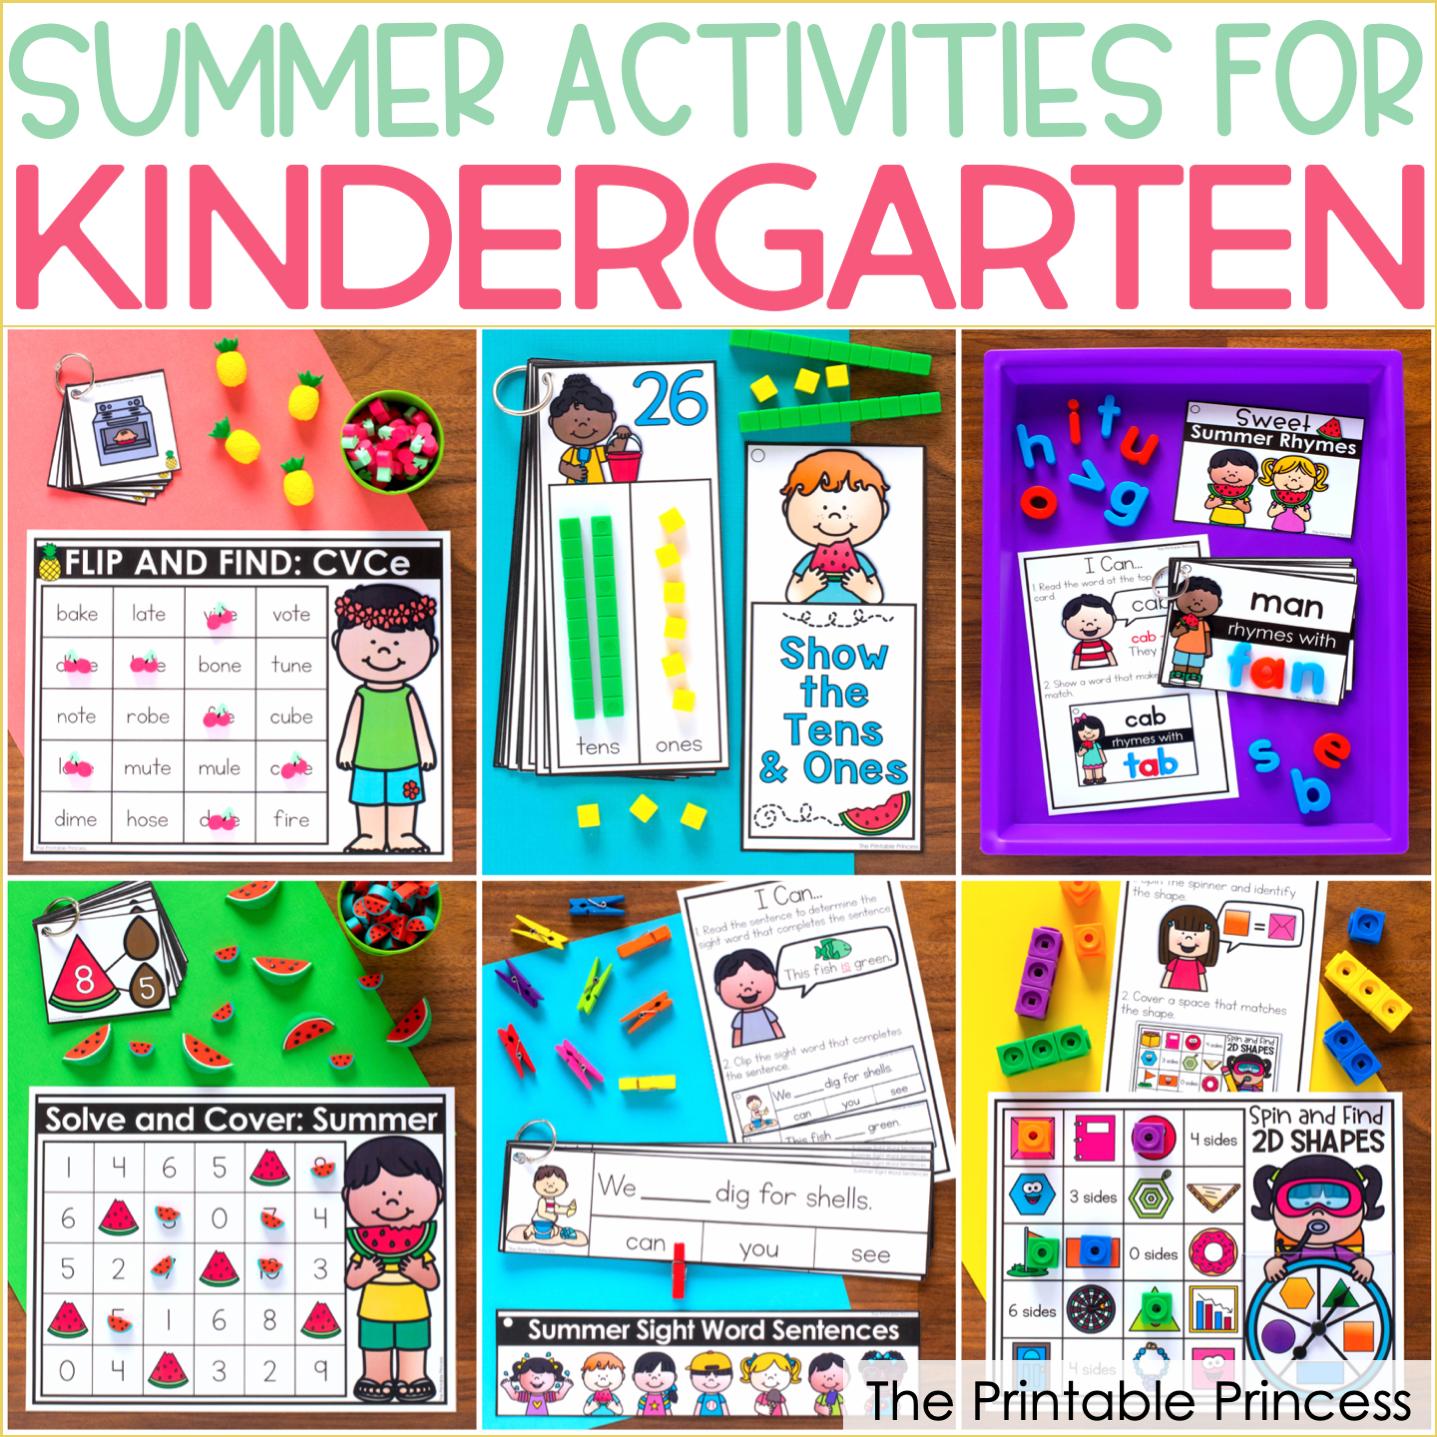 Hands-On Summer Activities for Kindergarten